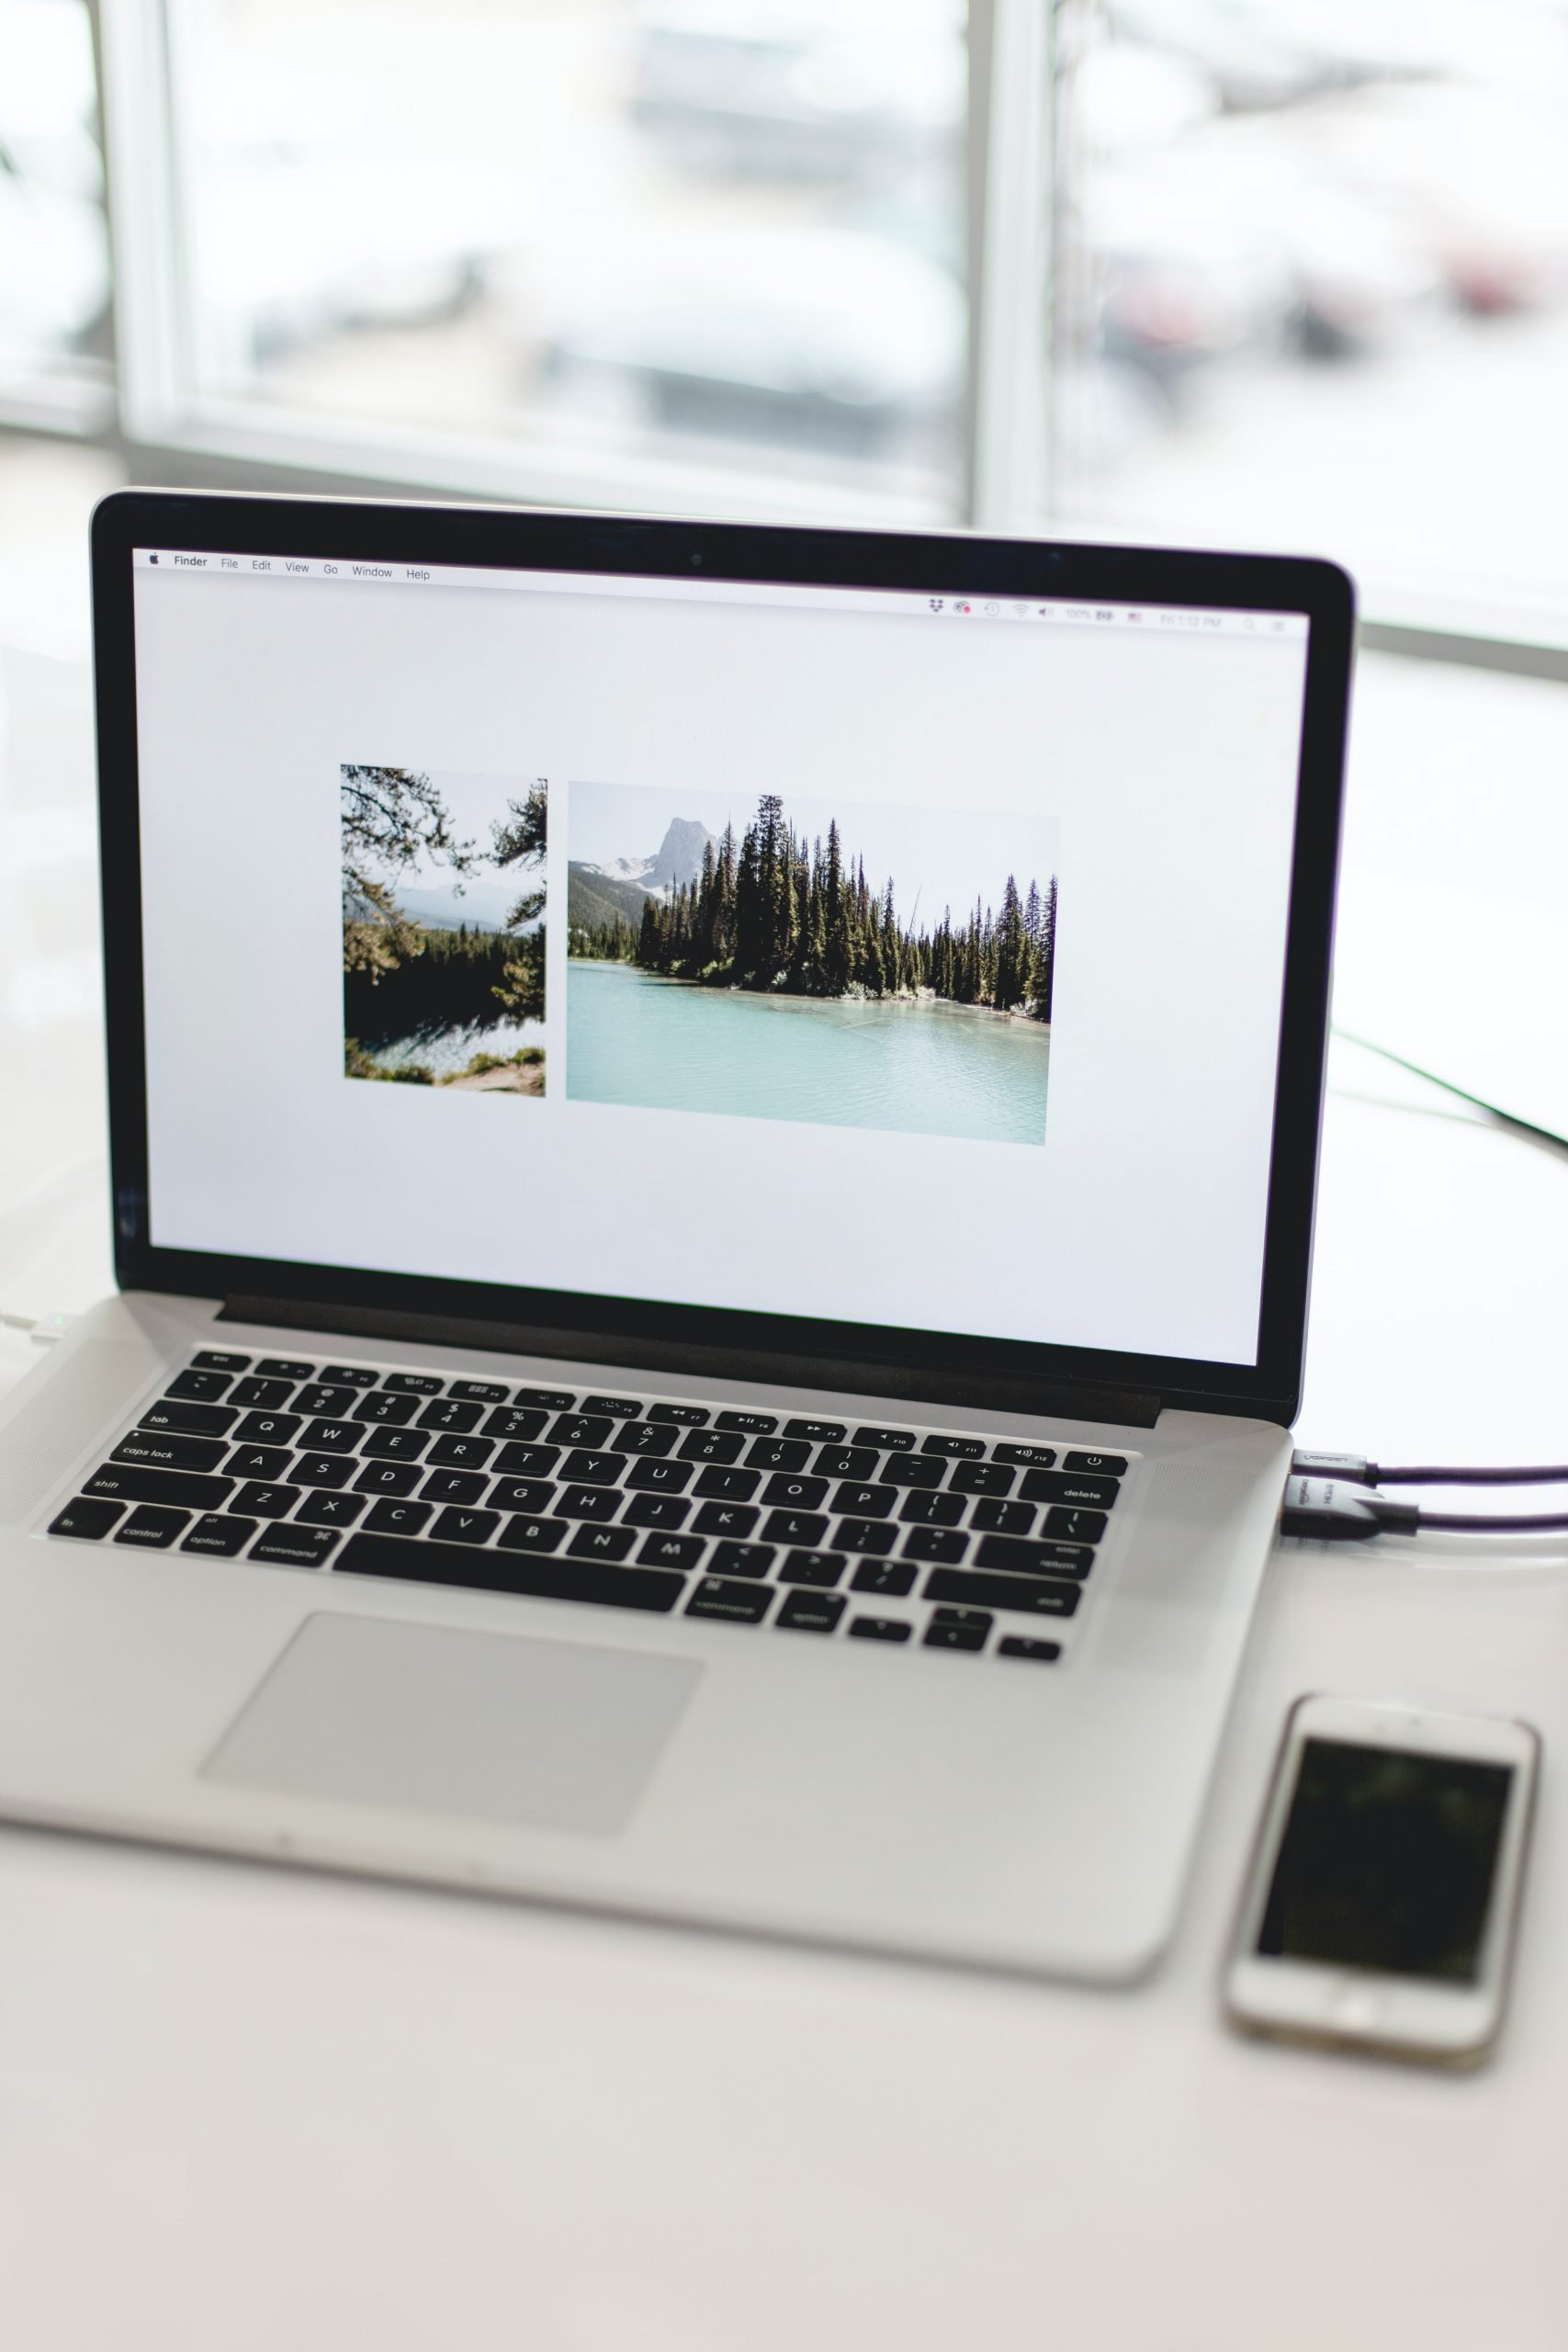 Best 11-inch laptop in 2021